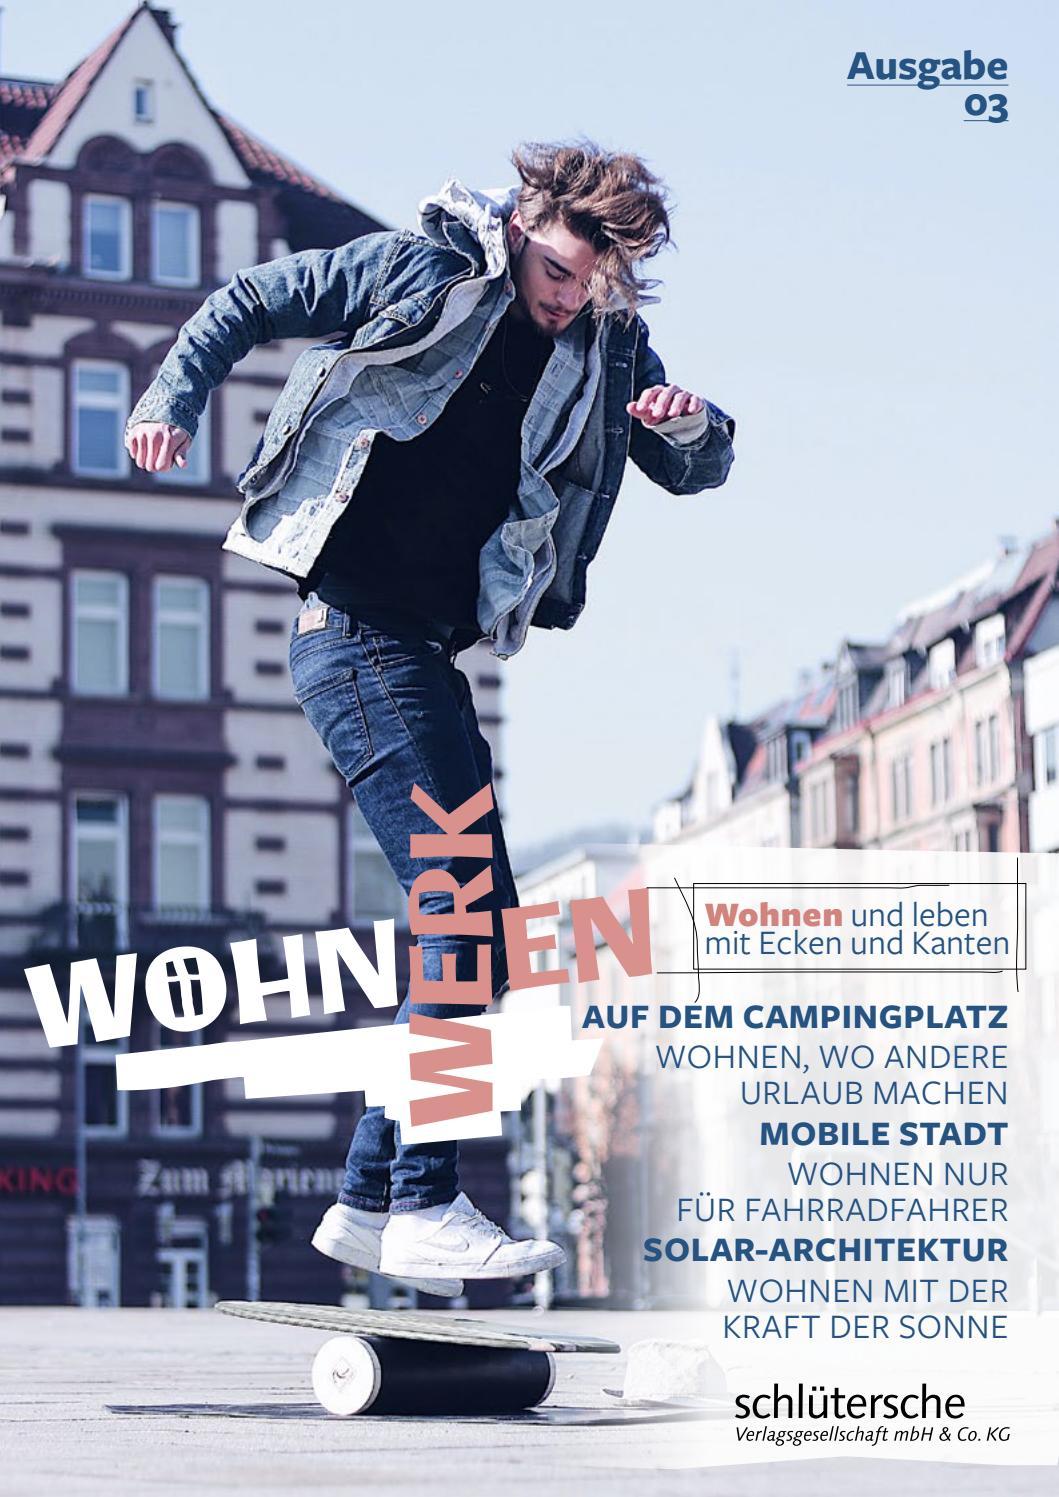 wohnWERKen 03 by Schluetersche - issuu